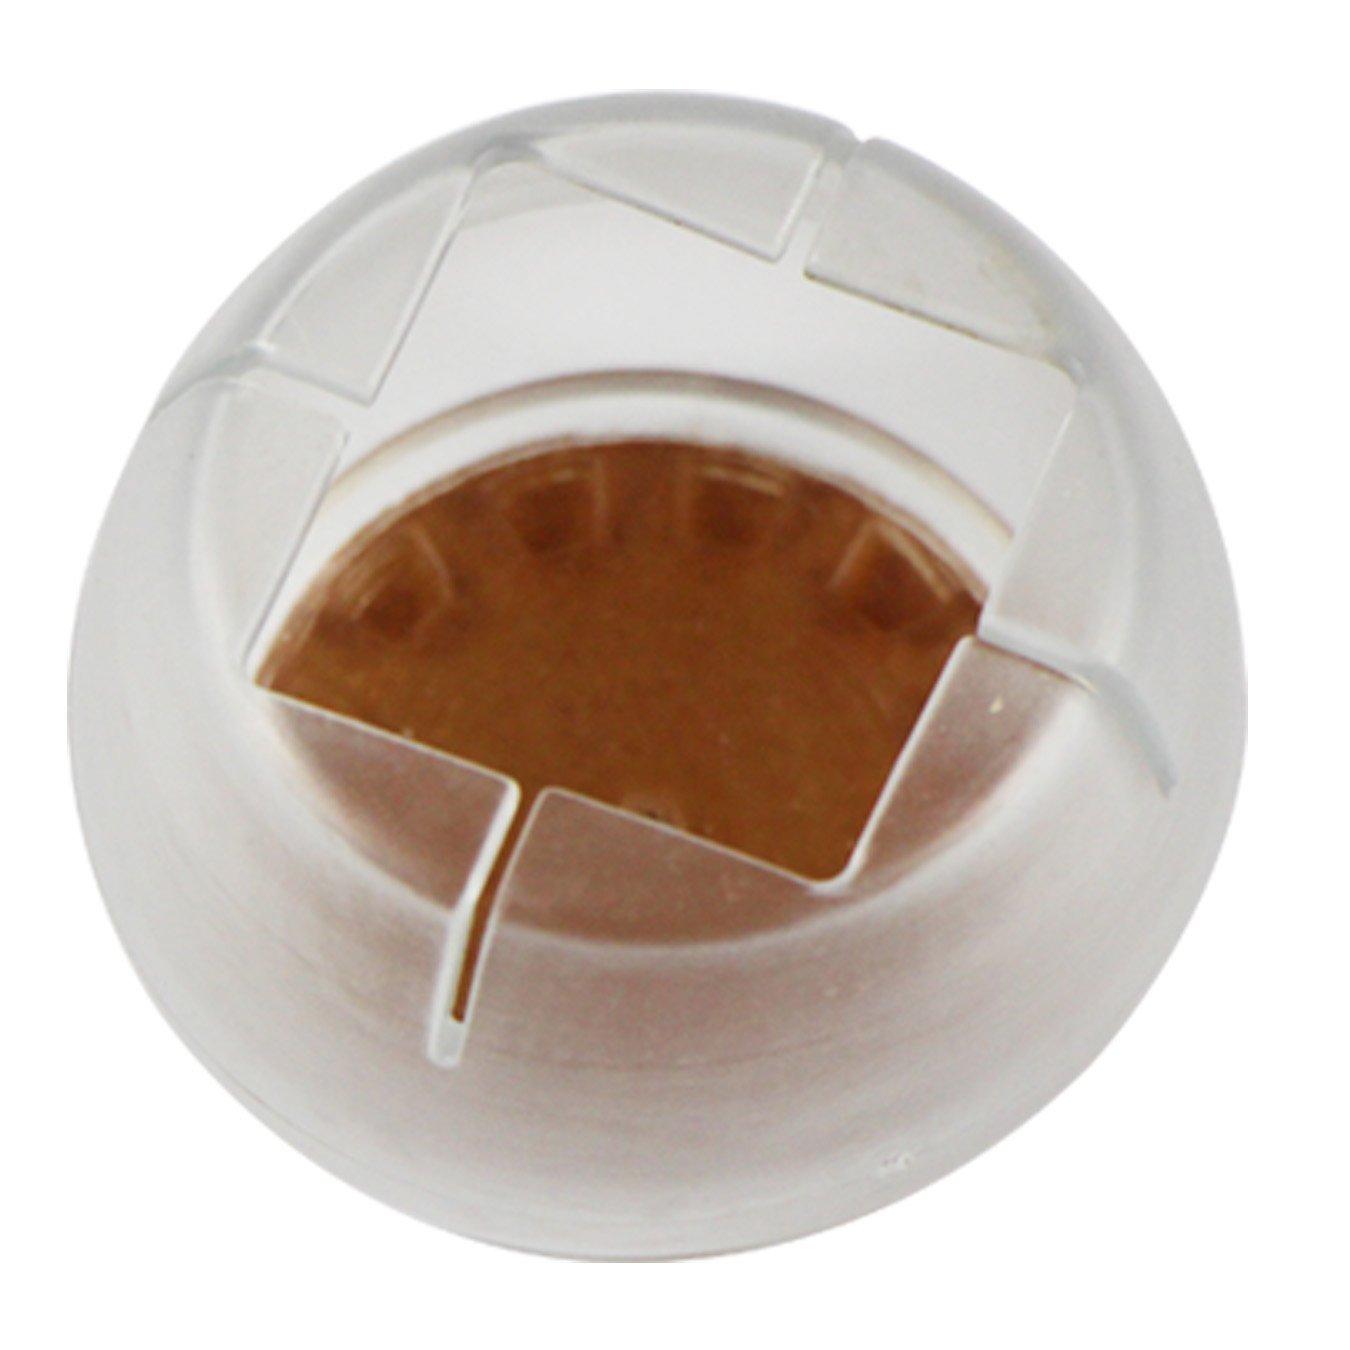 con Fondo Rotondo e Apertura Quadrata Uooom Set di 8 Cappucci Rotondi in Silicone per Proteggere il Pavimento Coperture per le Gambe delle Sedie 1216-14#